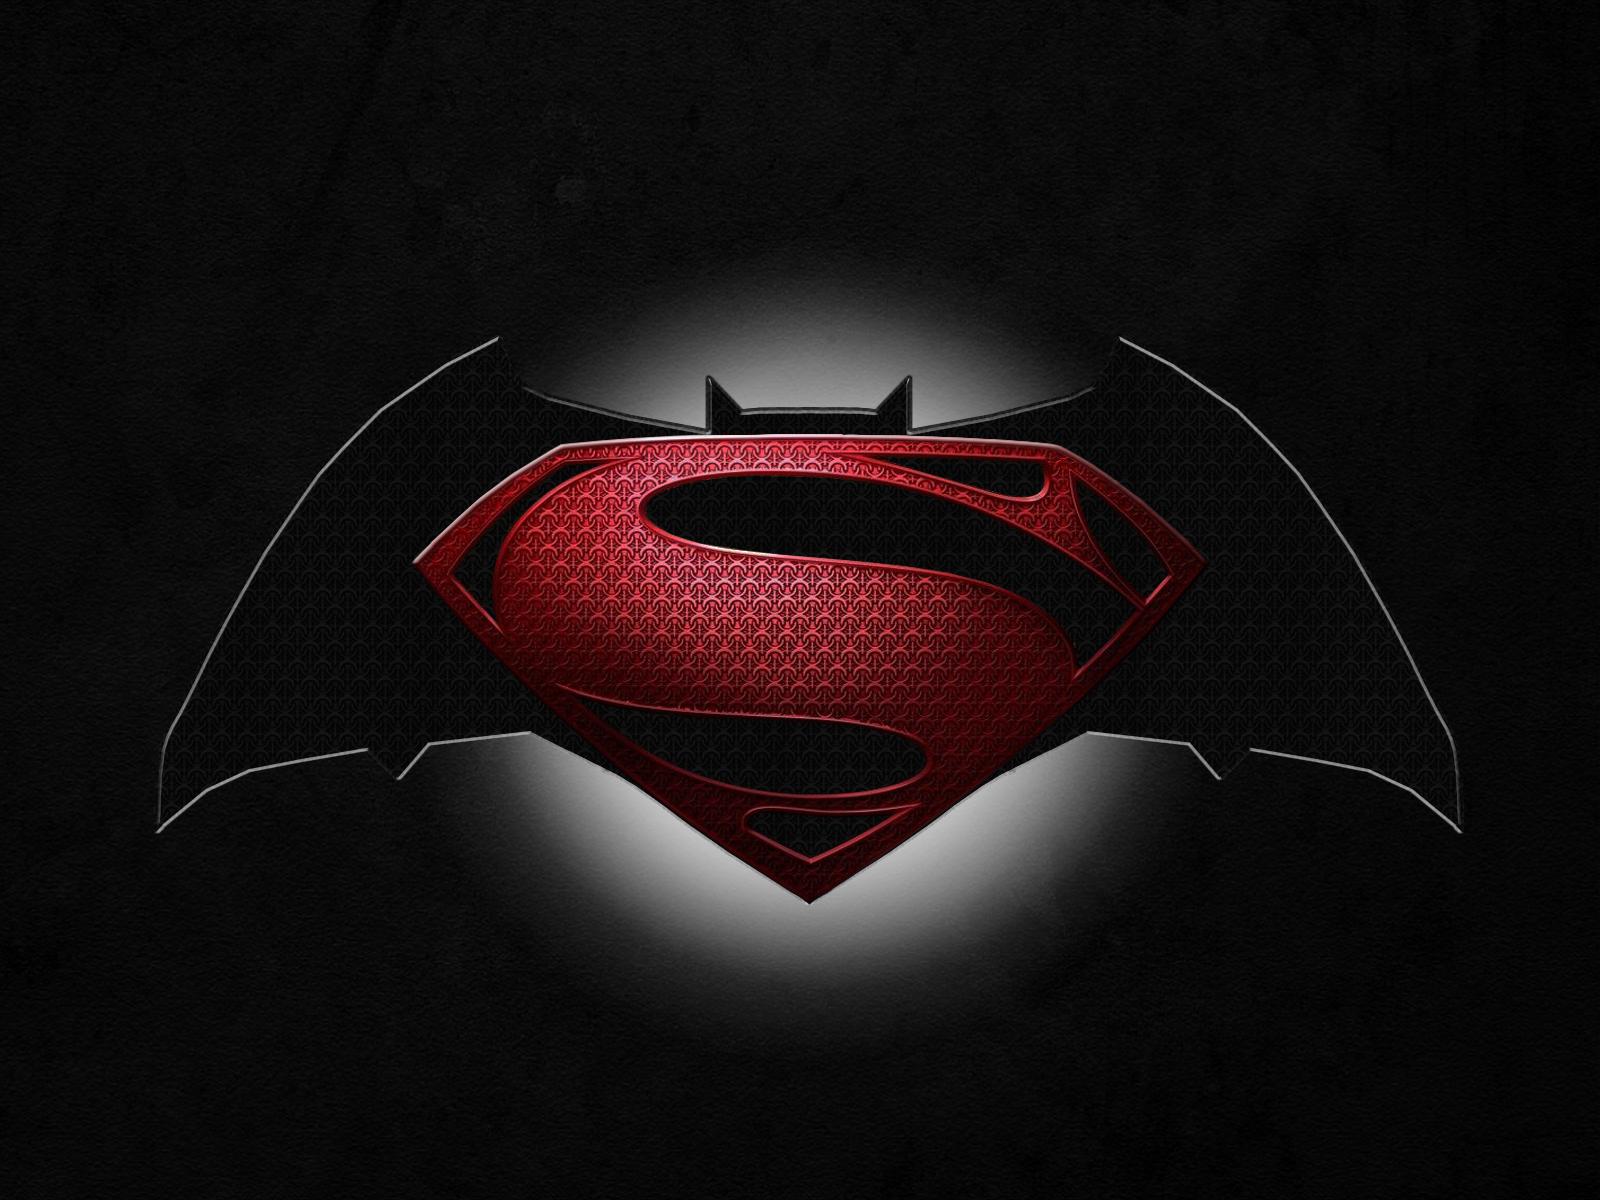 Cool Batman V Superman Symbol Wallpaper Wallpaper with 1600x1200 1600x1200